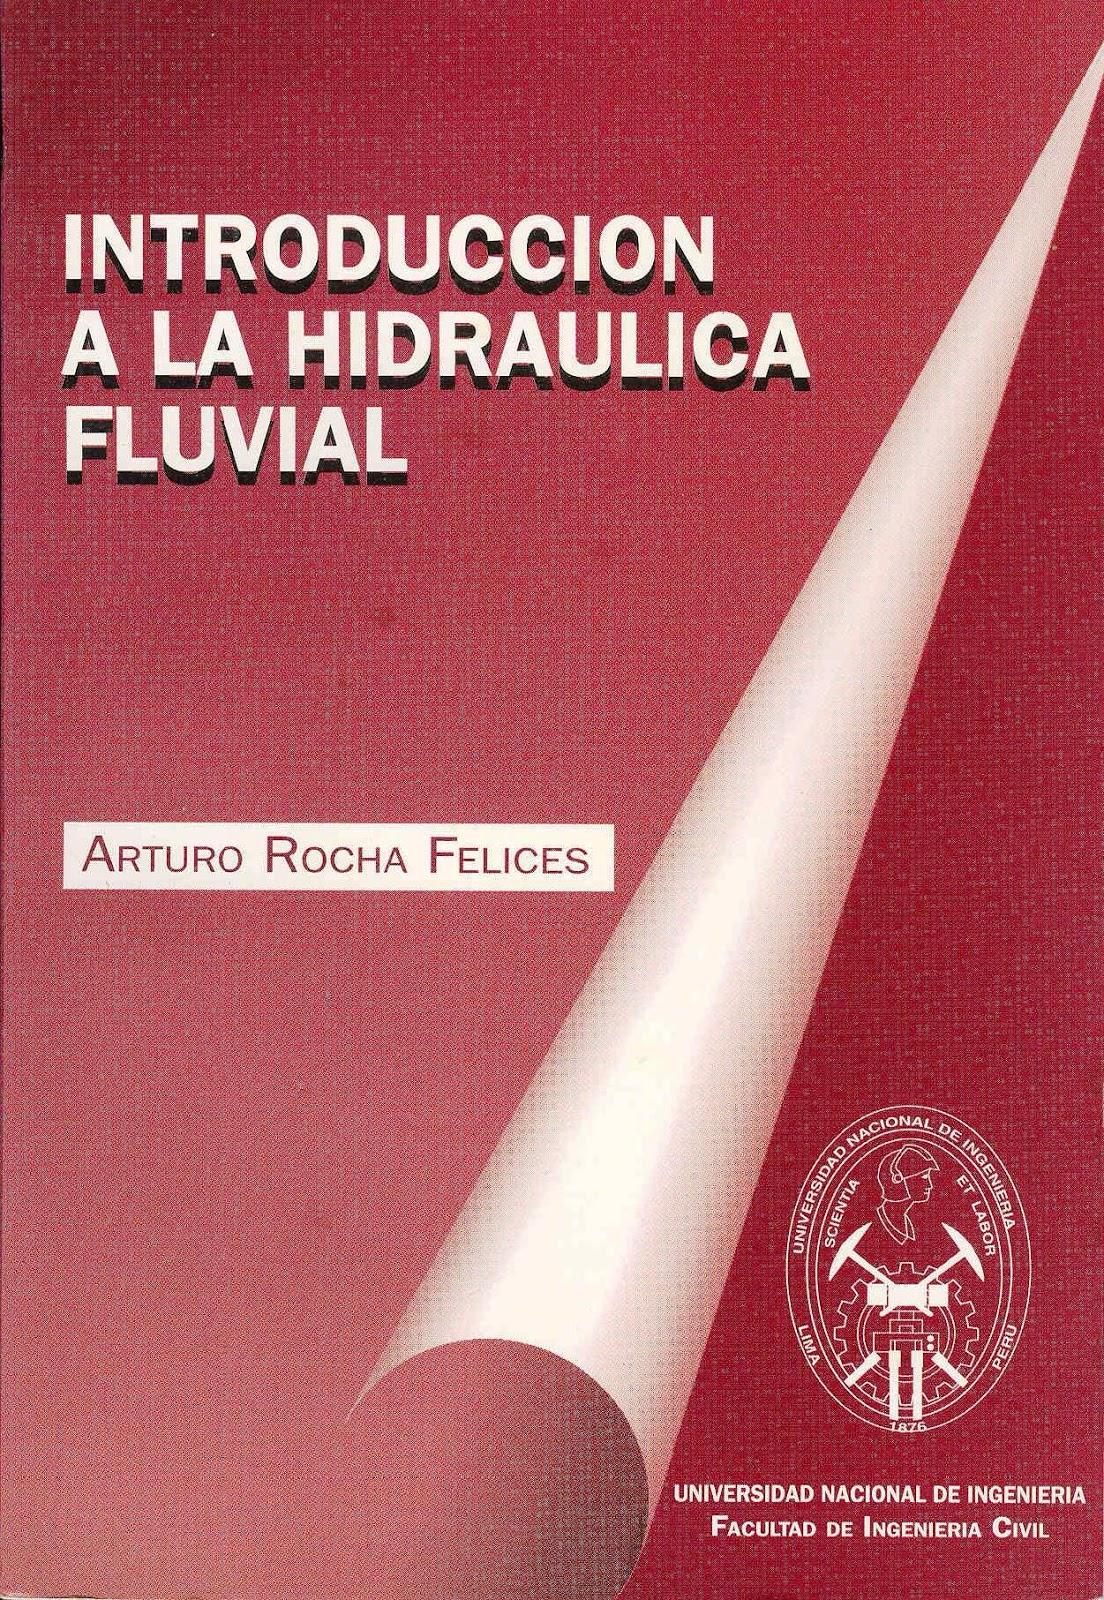 Introducción a la hidráulica fluvial – Arturo Rocha Felices